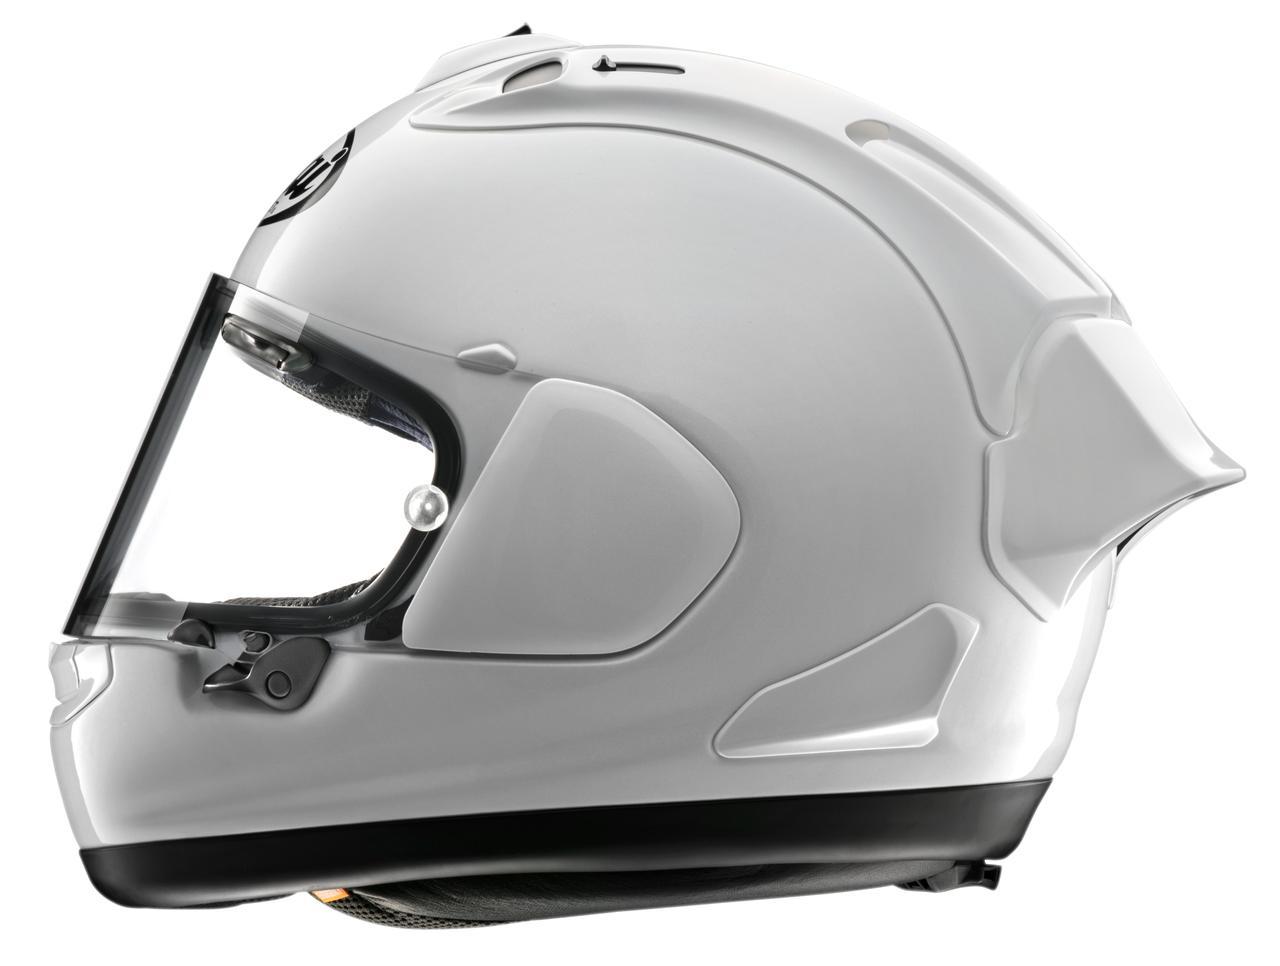 Images : 5番目の画像 - アライヘルメット「RX-7X FIM Racing #1」の写真をもっと見る! - webオートバイ